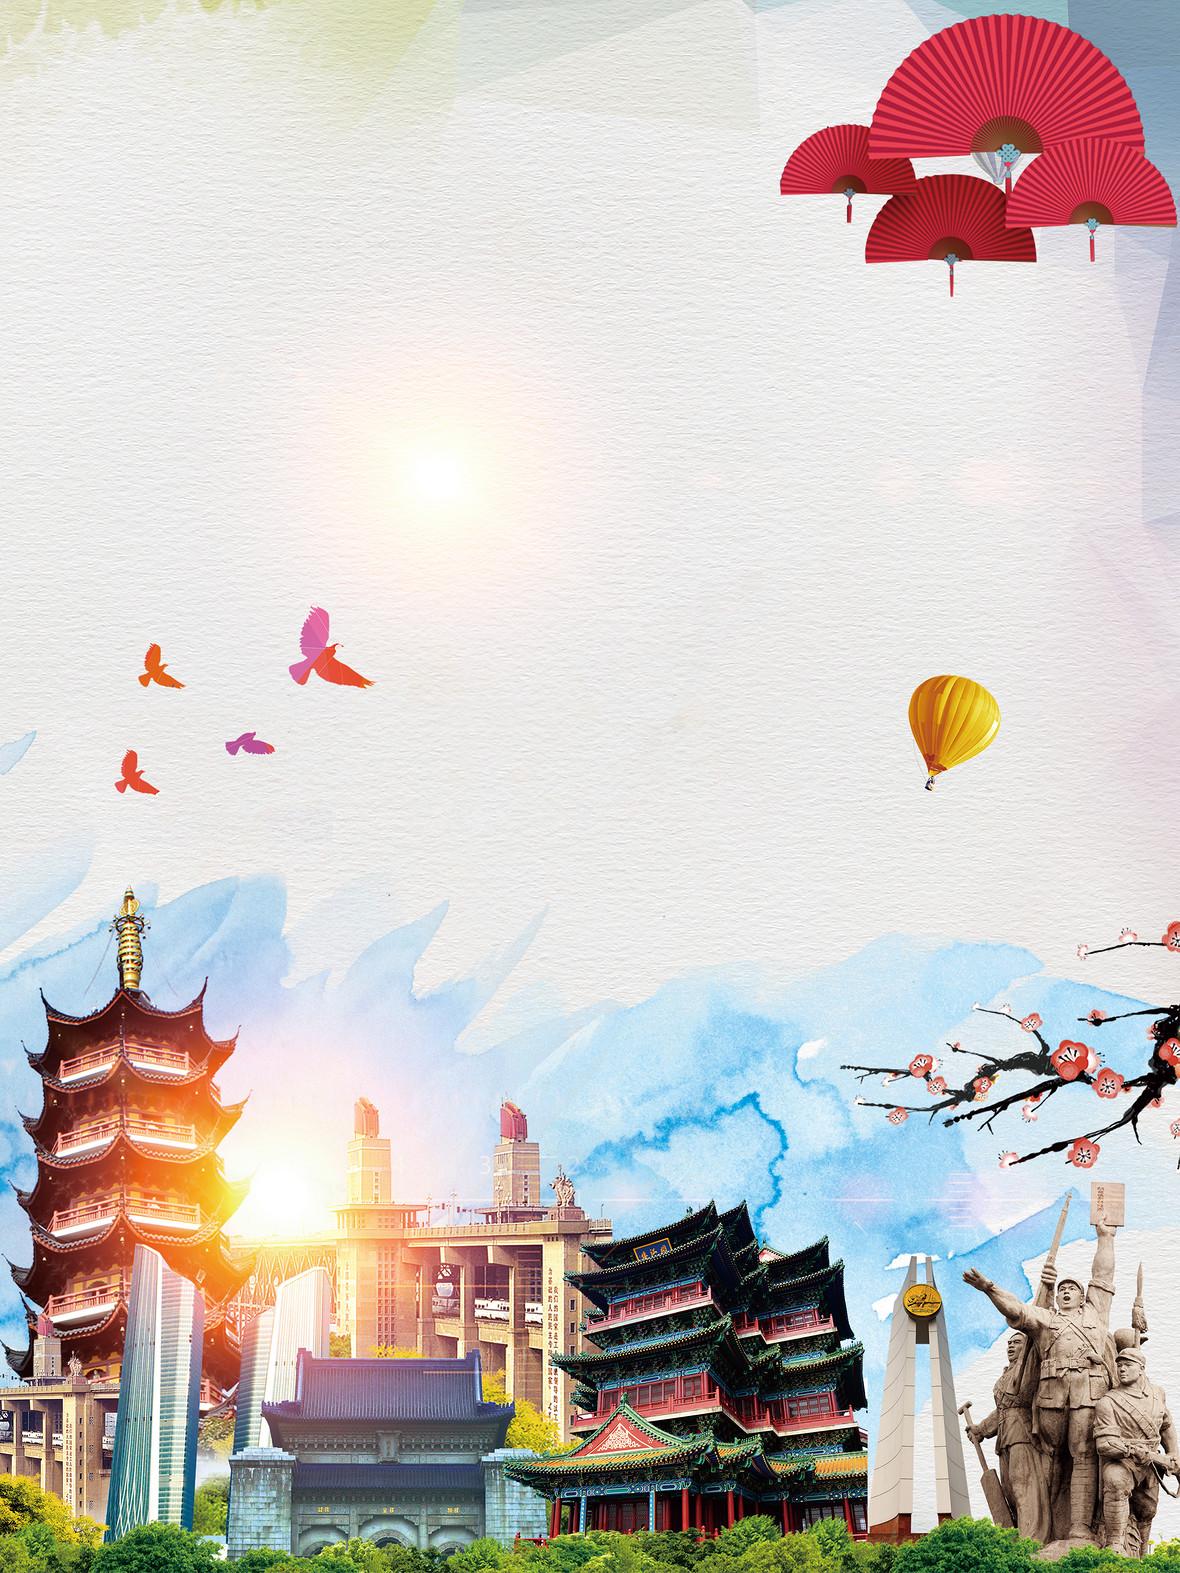 水彩江苏南京旅游海报背景素材